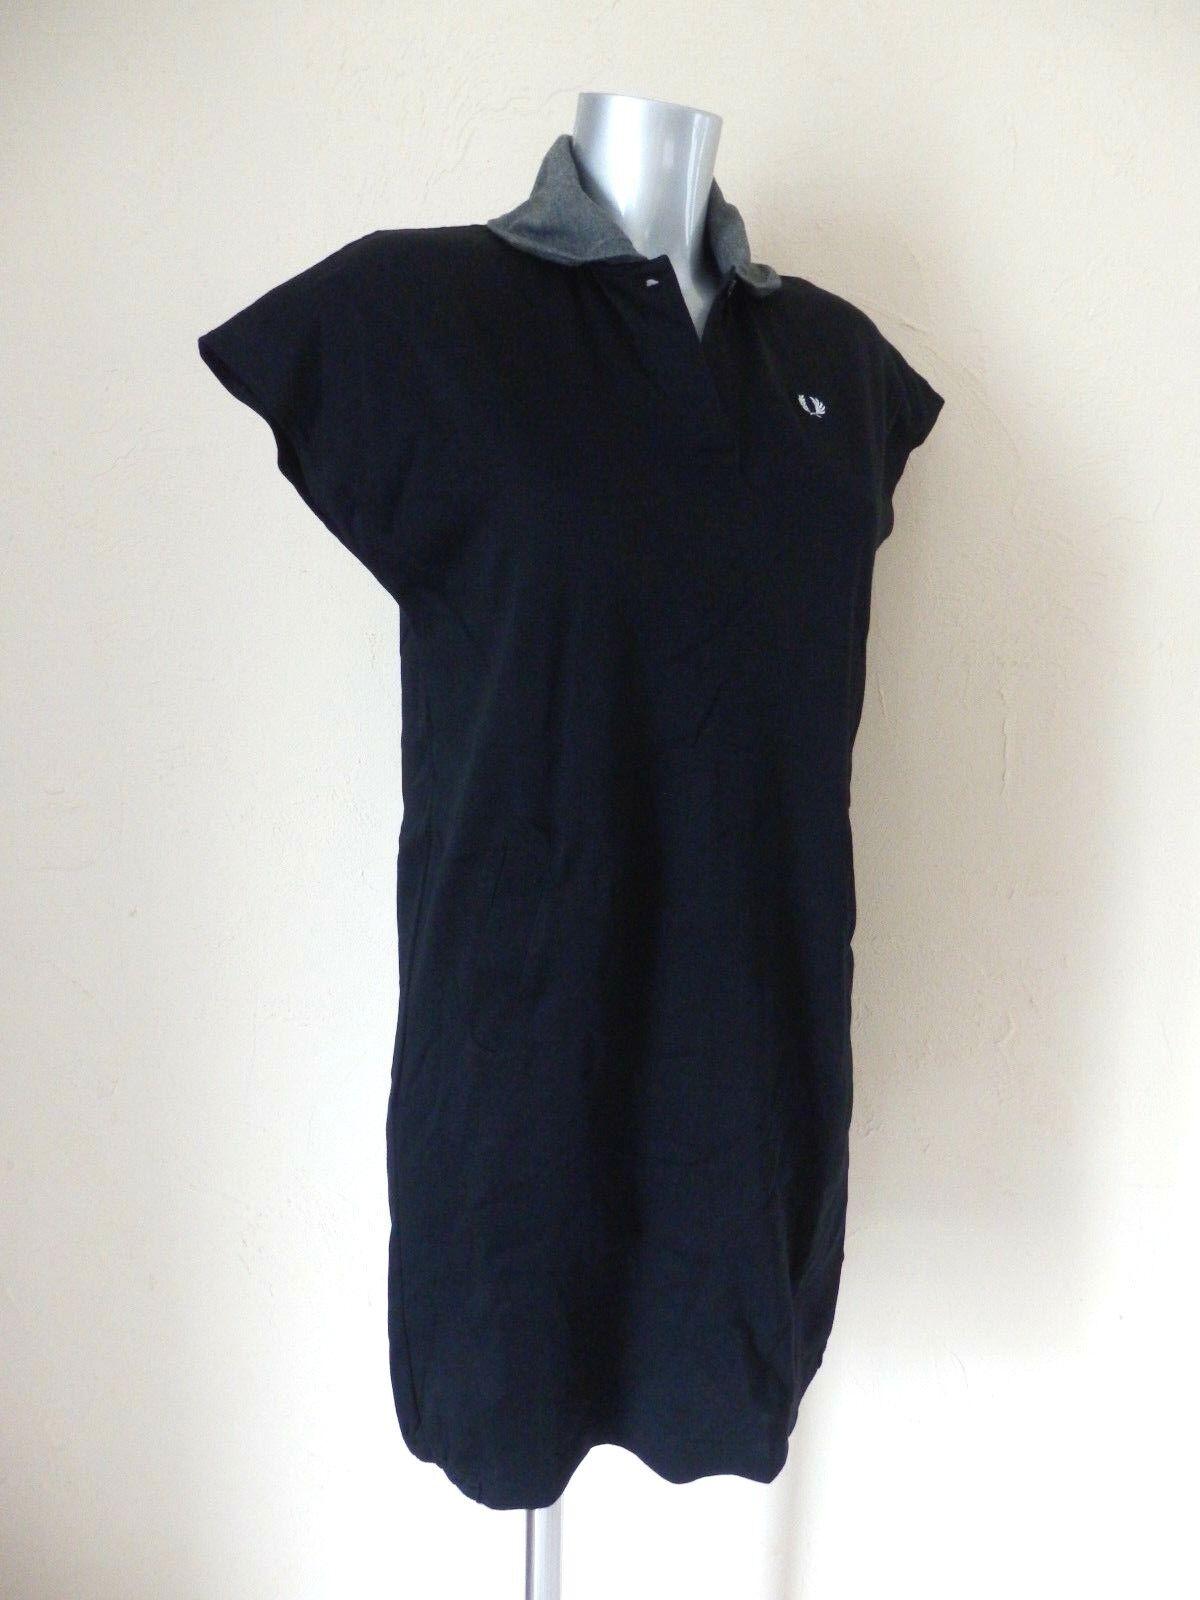 Frot PERRY - Kleid - schwarz Baumwolle - Größe 8jp d.h. 38fr - authentisch